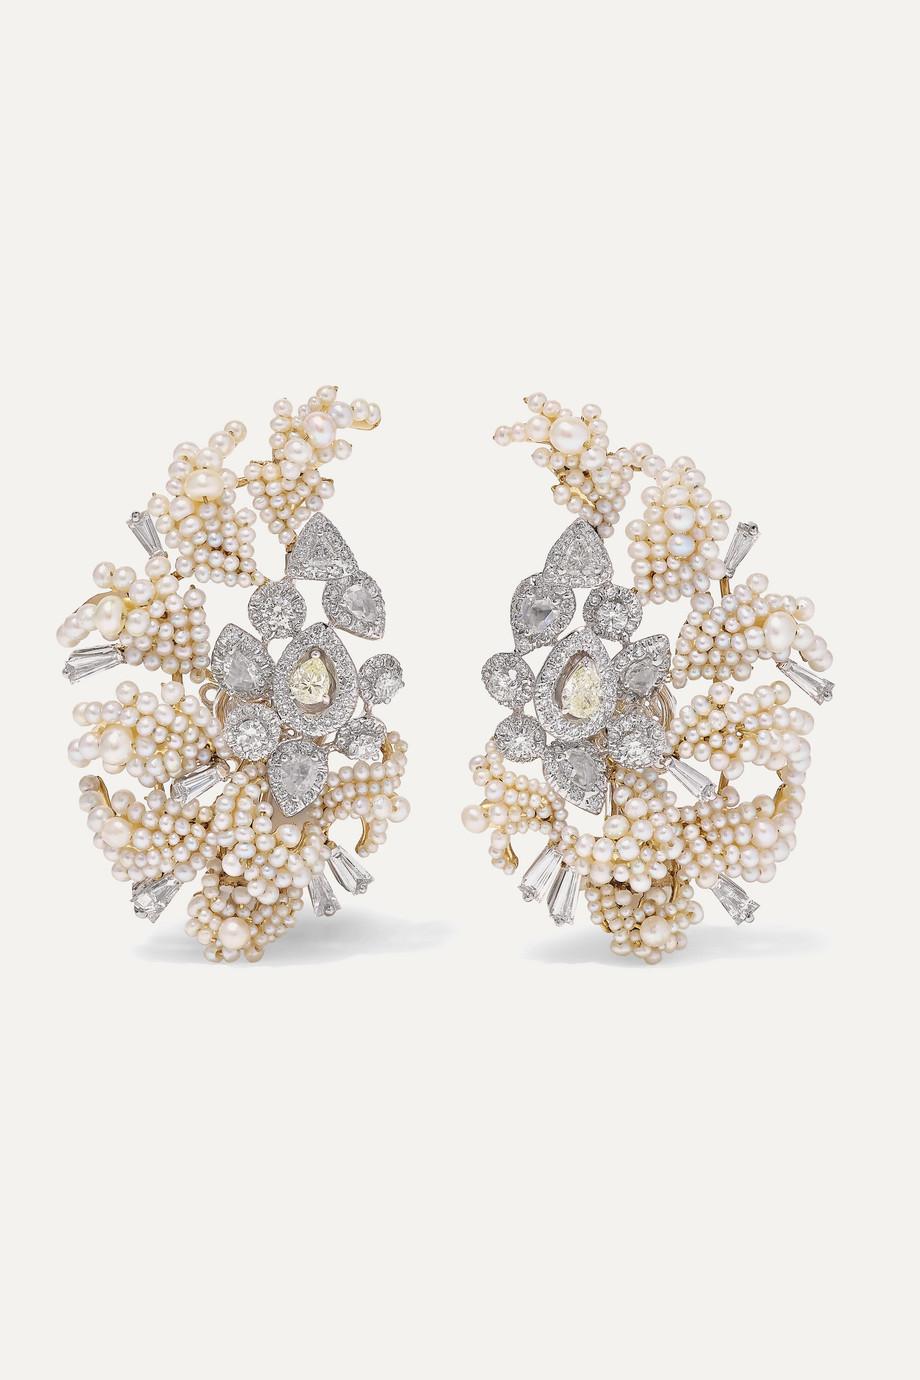 Bina Goenka Ohrringe aus 18 Karat Gold mit Perlen und Diamanten